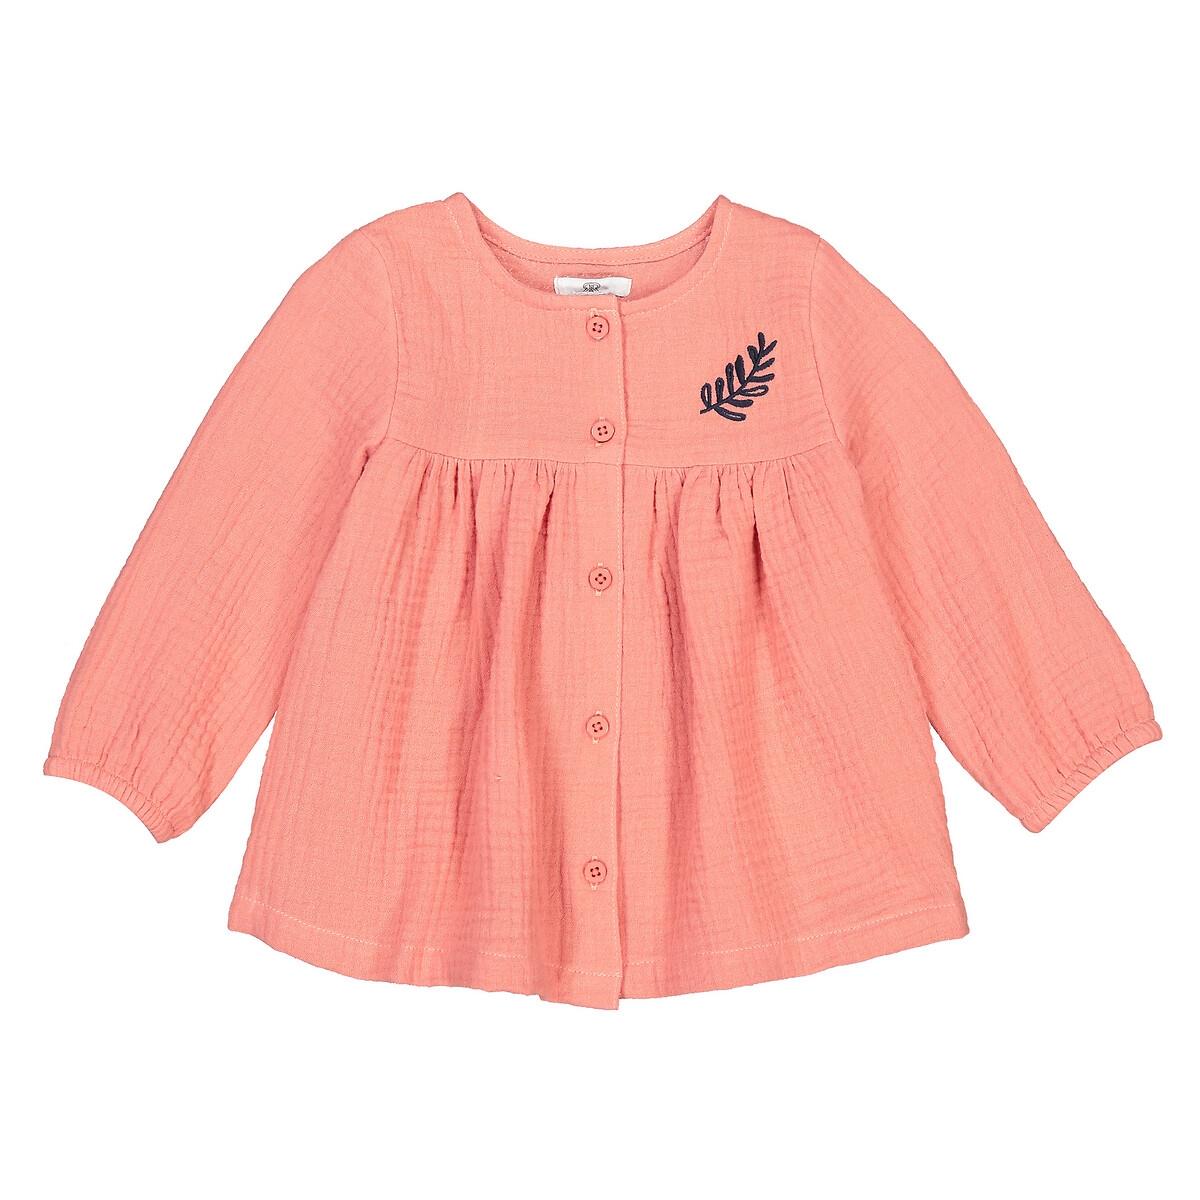 Фото - Блузка LaRedoute С длинными рукавами из хлопчатобумажной газовой ткани 3 мес - 4 года 3 года - 94 см розовый платье laredoute с короткими рукавами из хлопчатобумажной газовой ткани 3 12 лет 3 года 94 см розовый